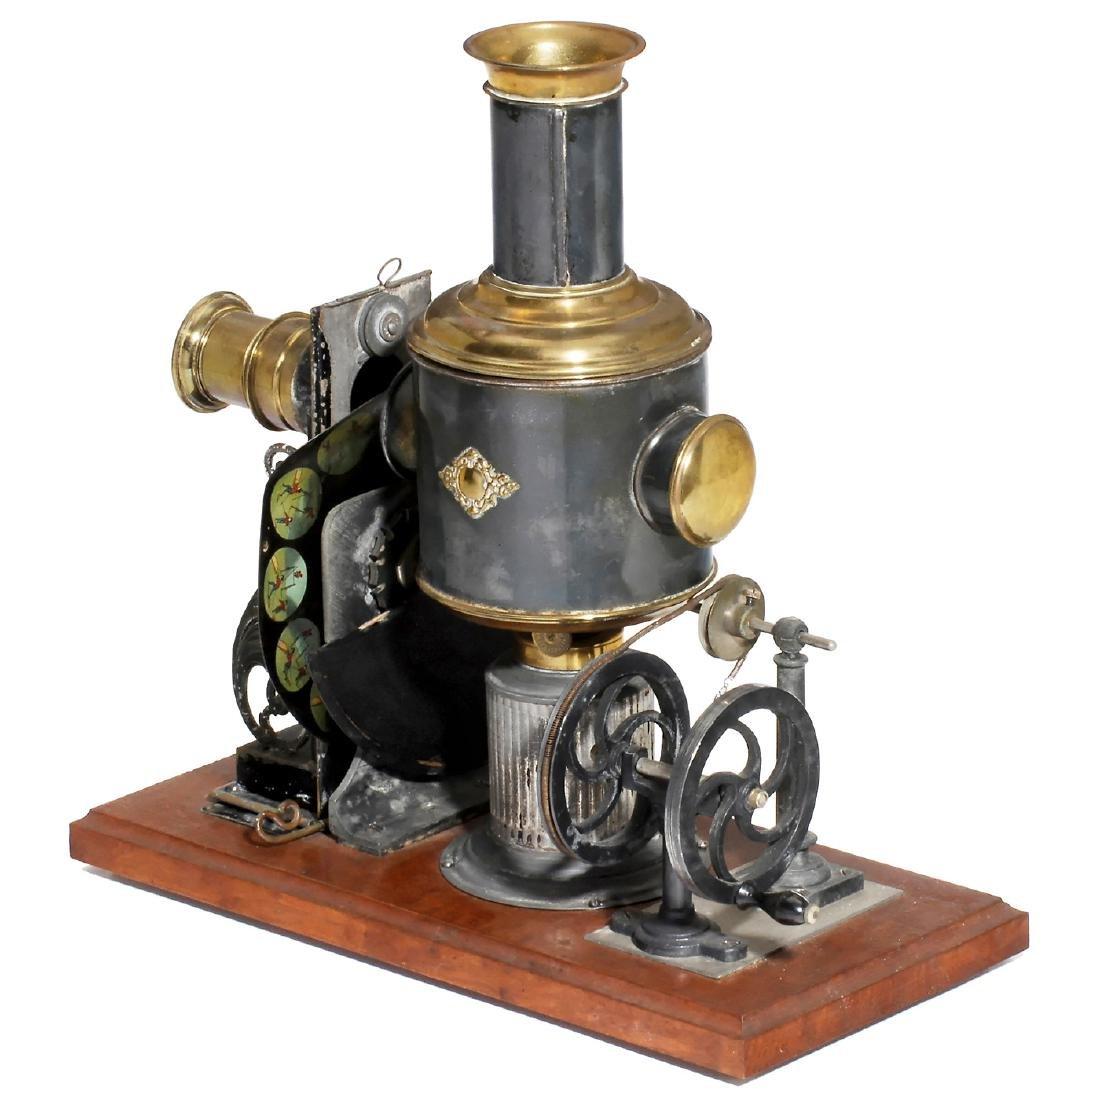 Kinematador No. 790 by Ernst Plank, 1897 - 2